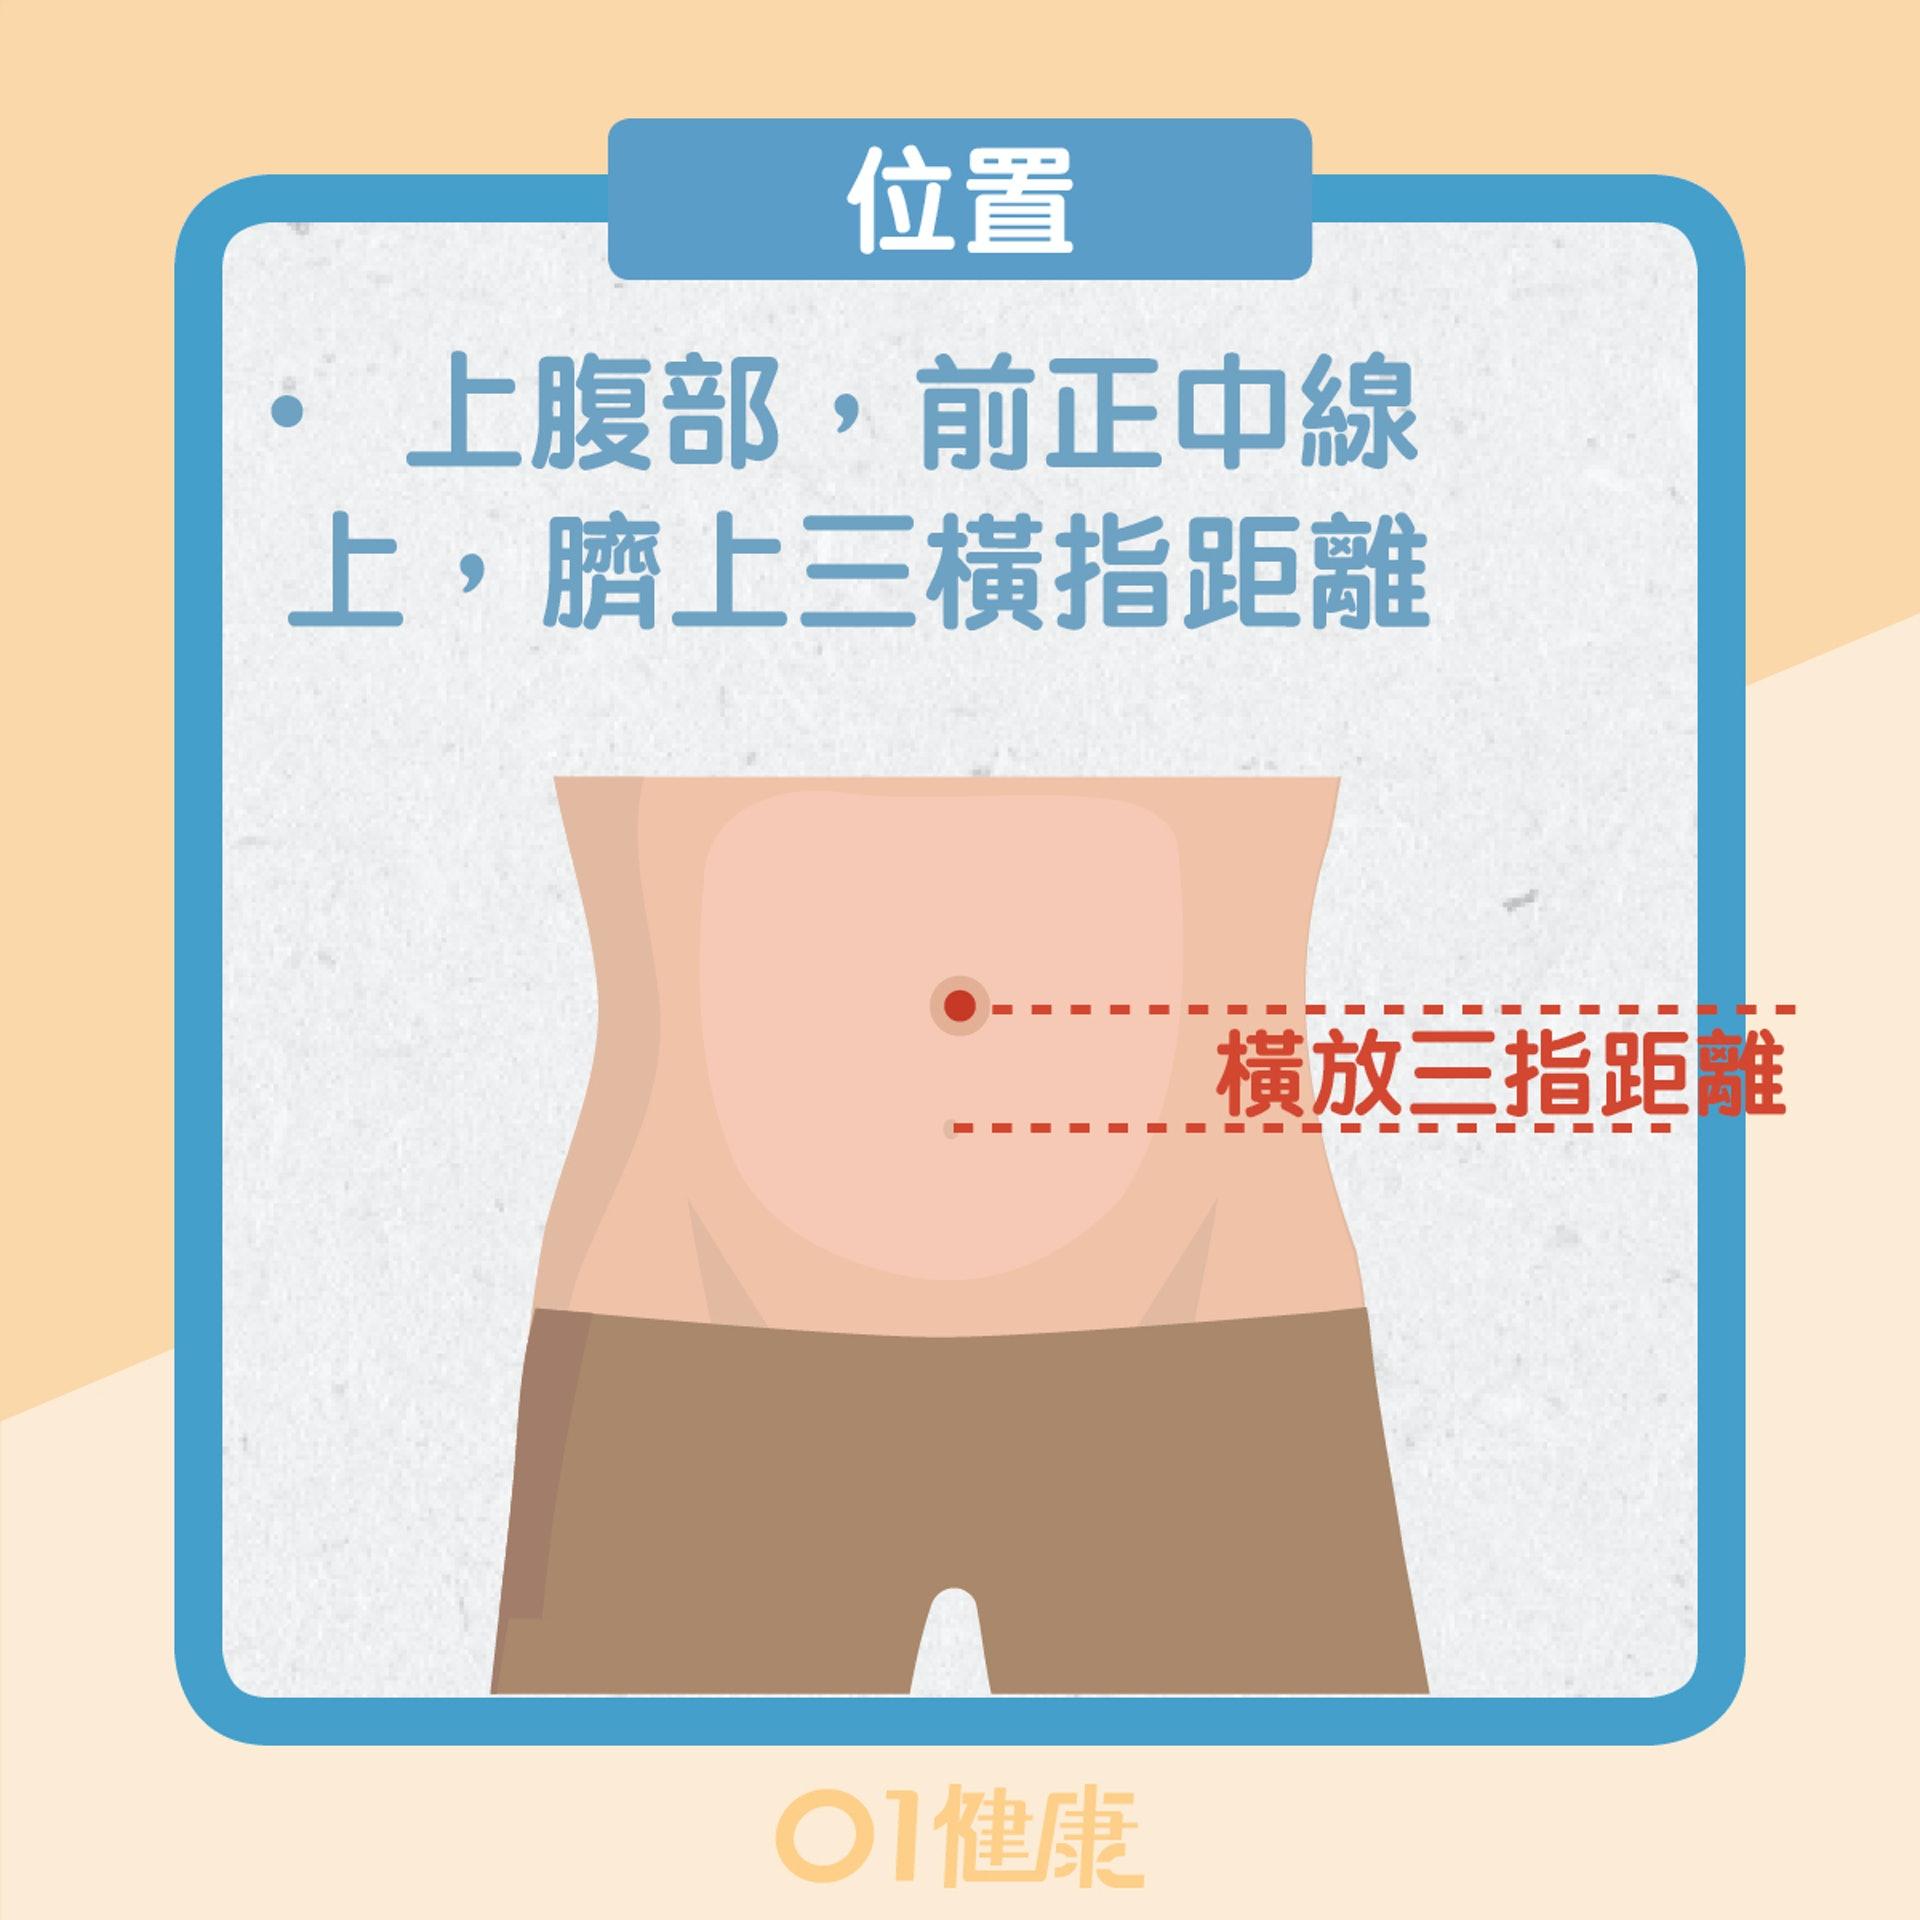 治療脾胃疾病的穴位(01製圖)